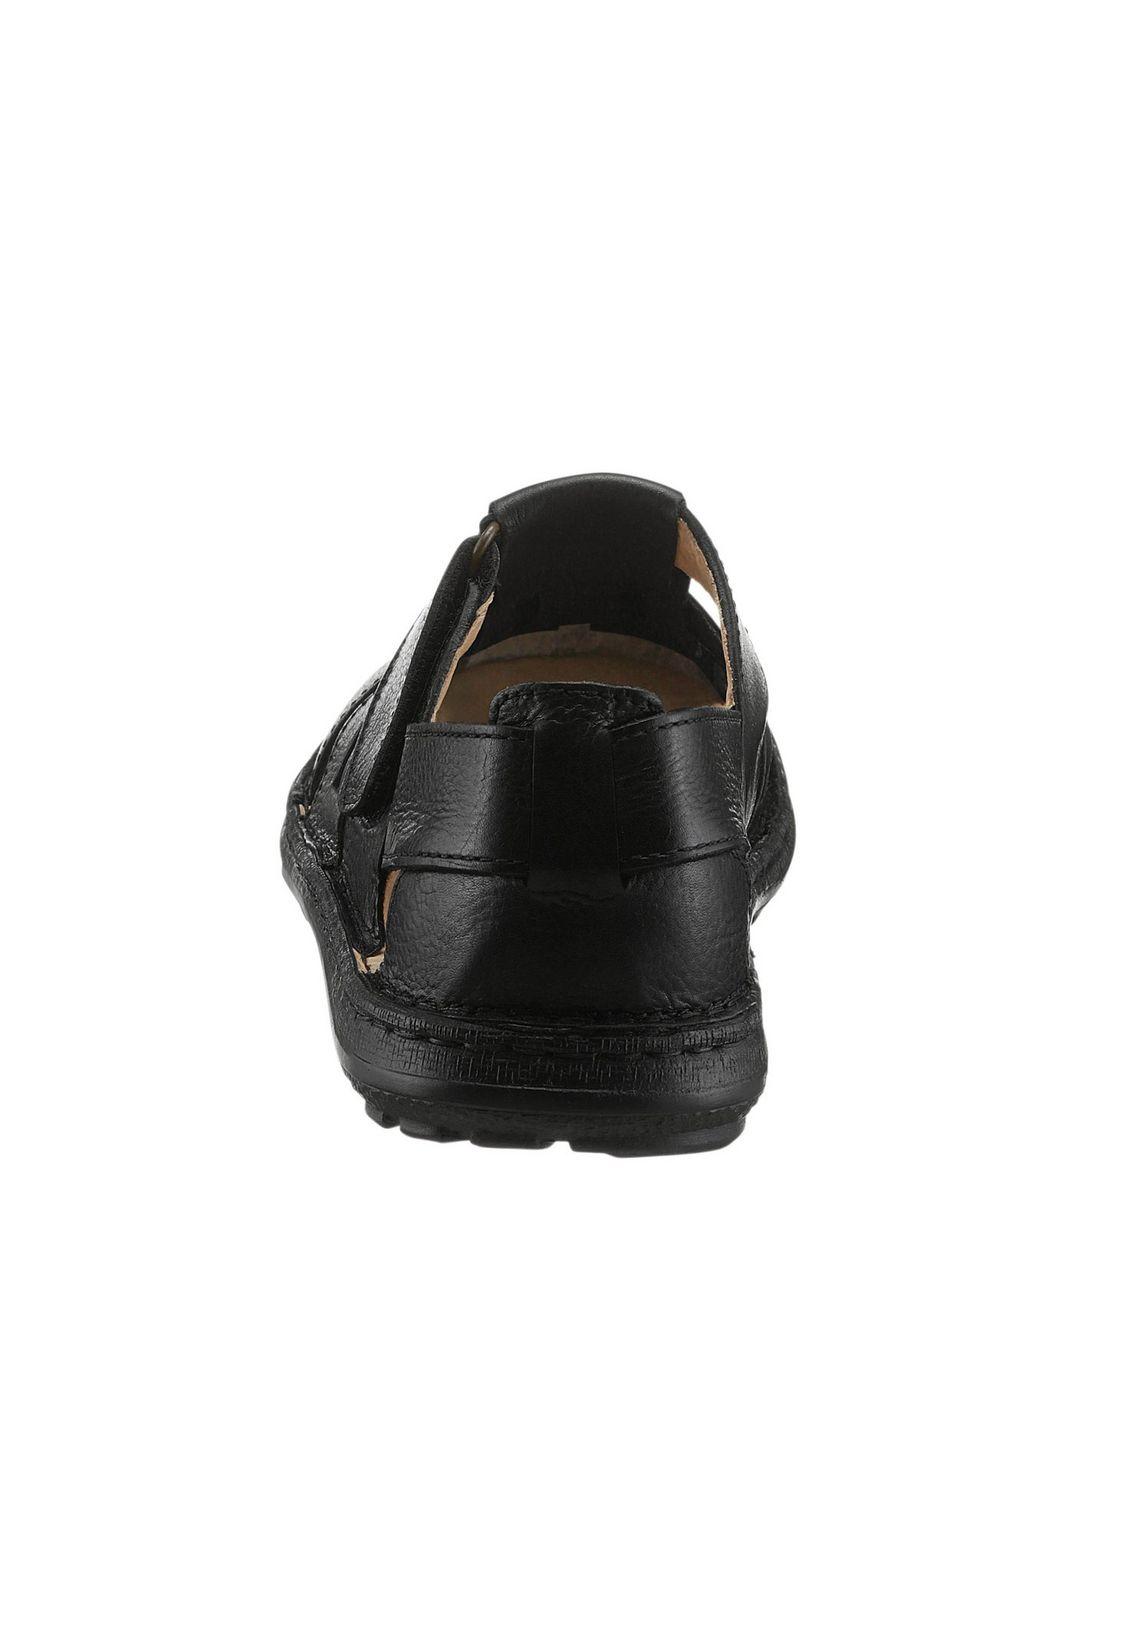 Schoenen met zacht 5-zonevoetbed online bij  zwart